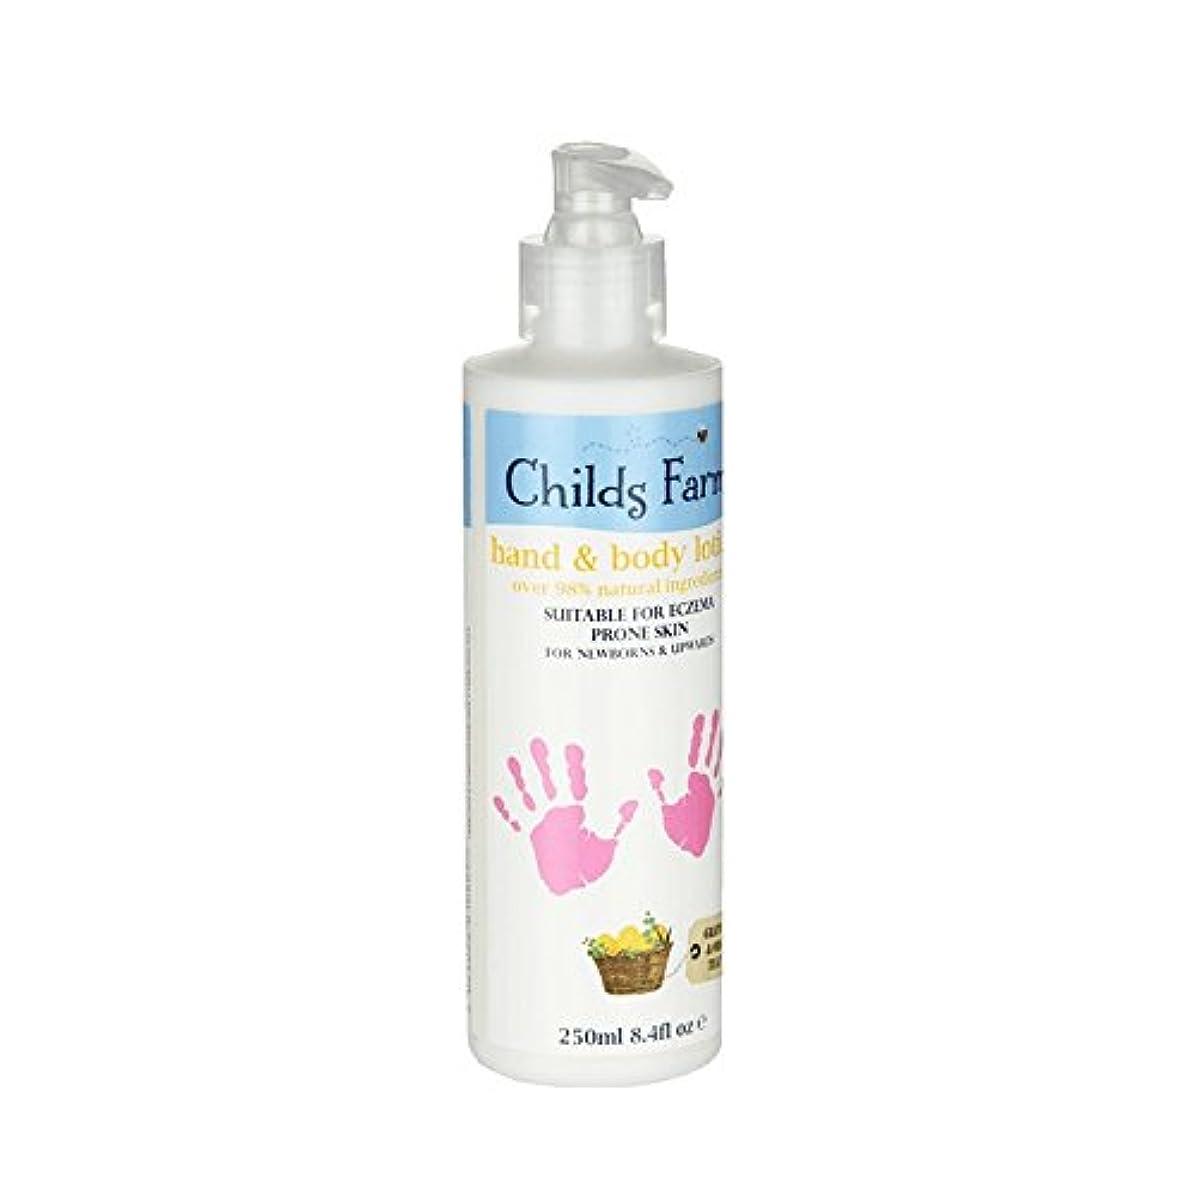 繰り返した概念受け入れChilds Farm Hand & Body Lotion for Silky Skin 250ml (Pack of 2) - 絹のような肌の250ミリリットルのためのチャイルズファームハンド&ボディローション (x2...